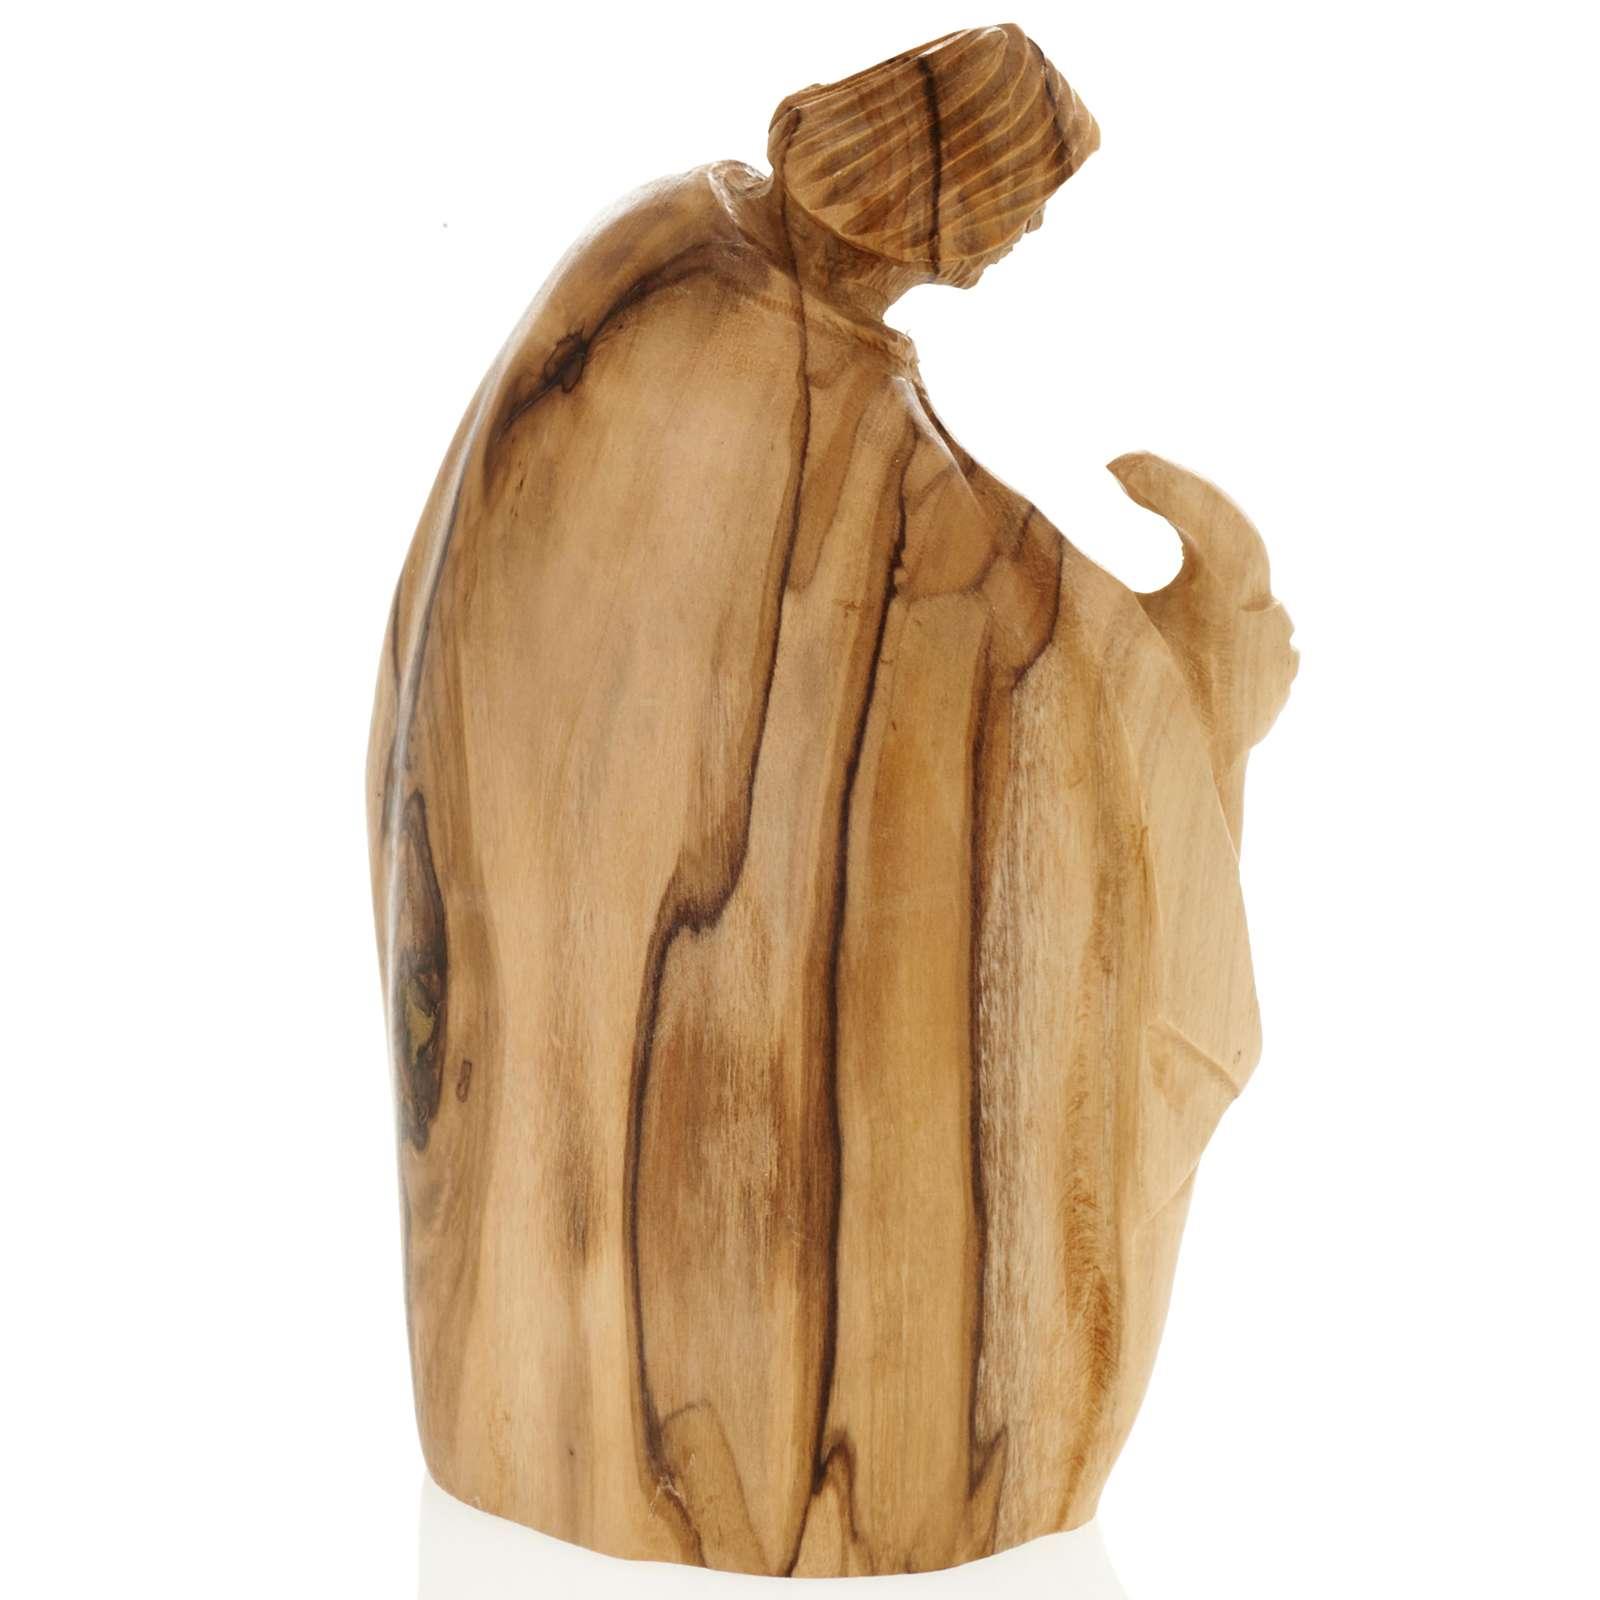 Olive wood nativity of Bethleem, 12.5cm 3